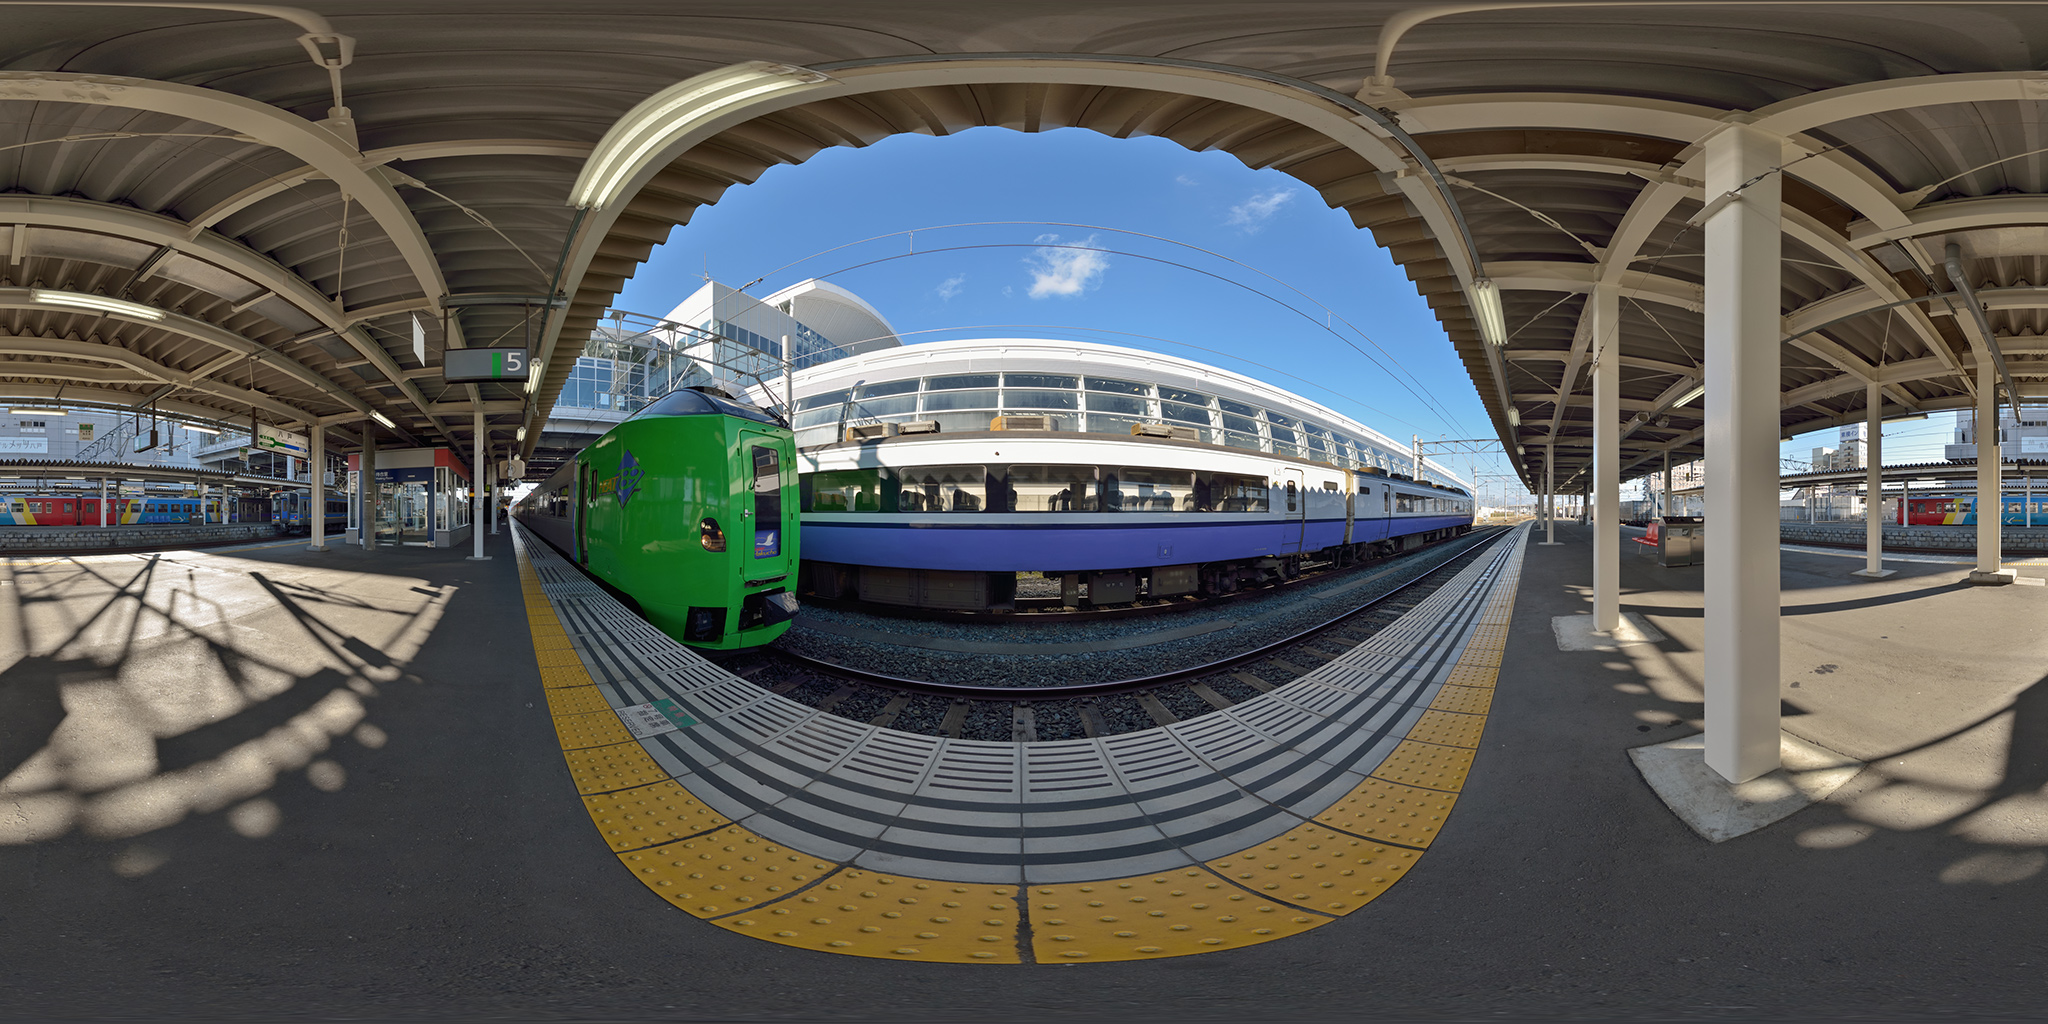 東北本線八戸乗り継ぎ時代の「スーパー白鳥」